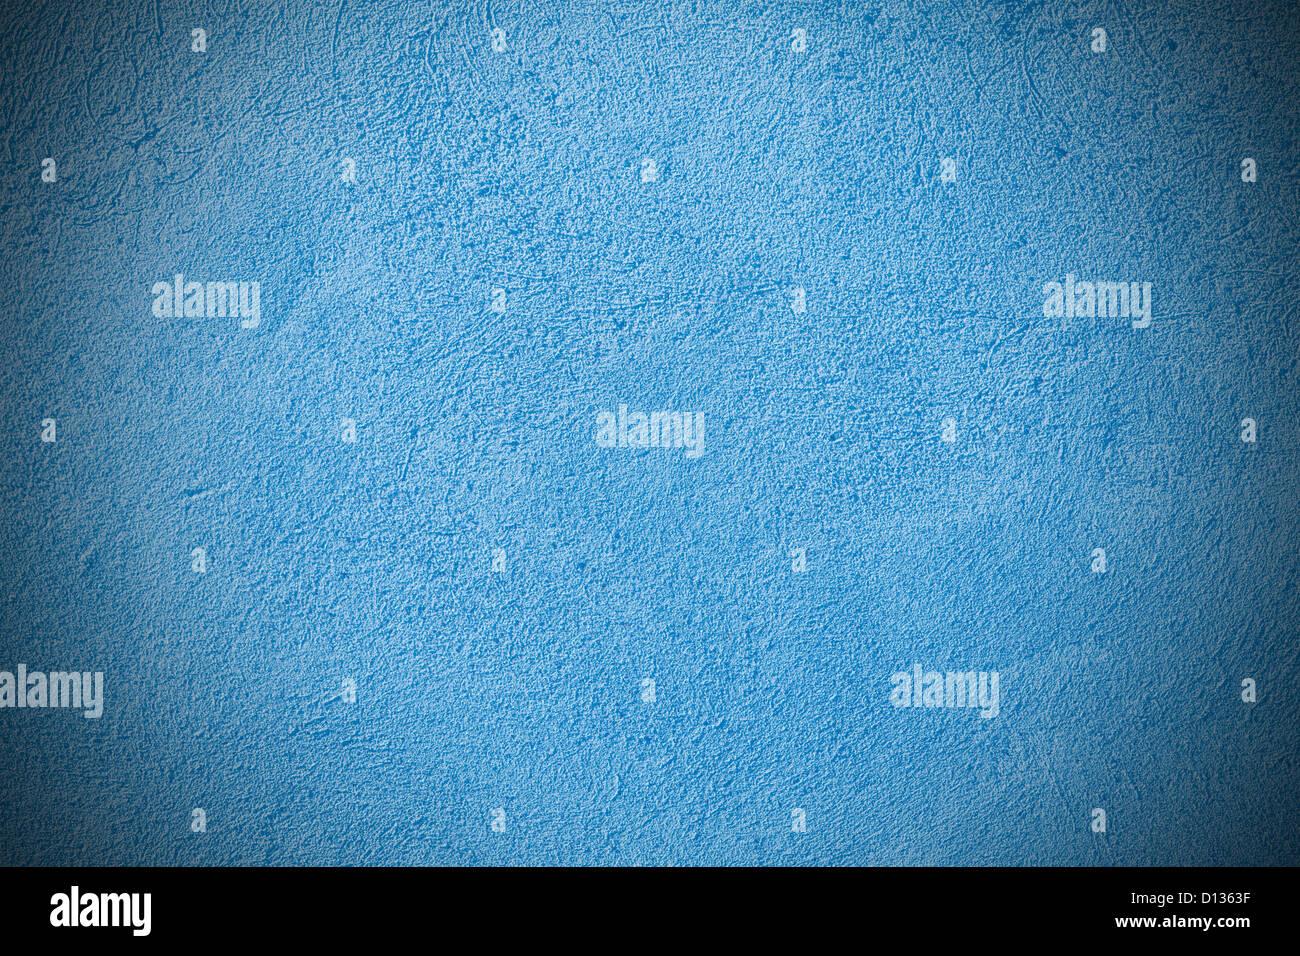 Blaue Alte Wand Verputzen Hintergrund Mit Rauen Beschaffenheit Stockbild